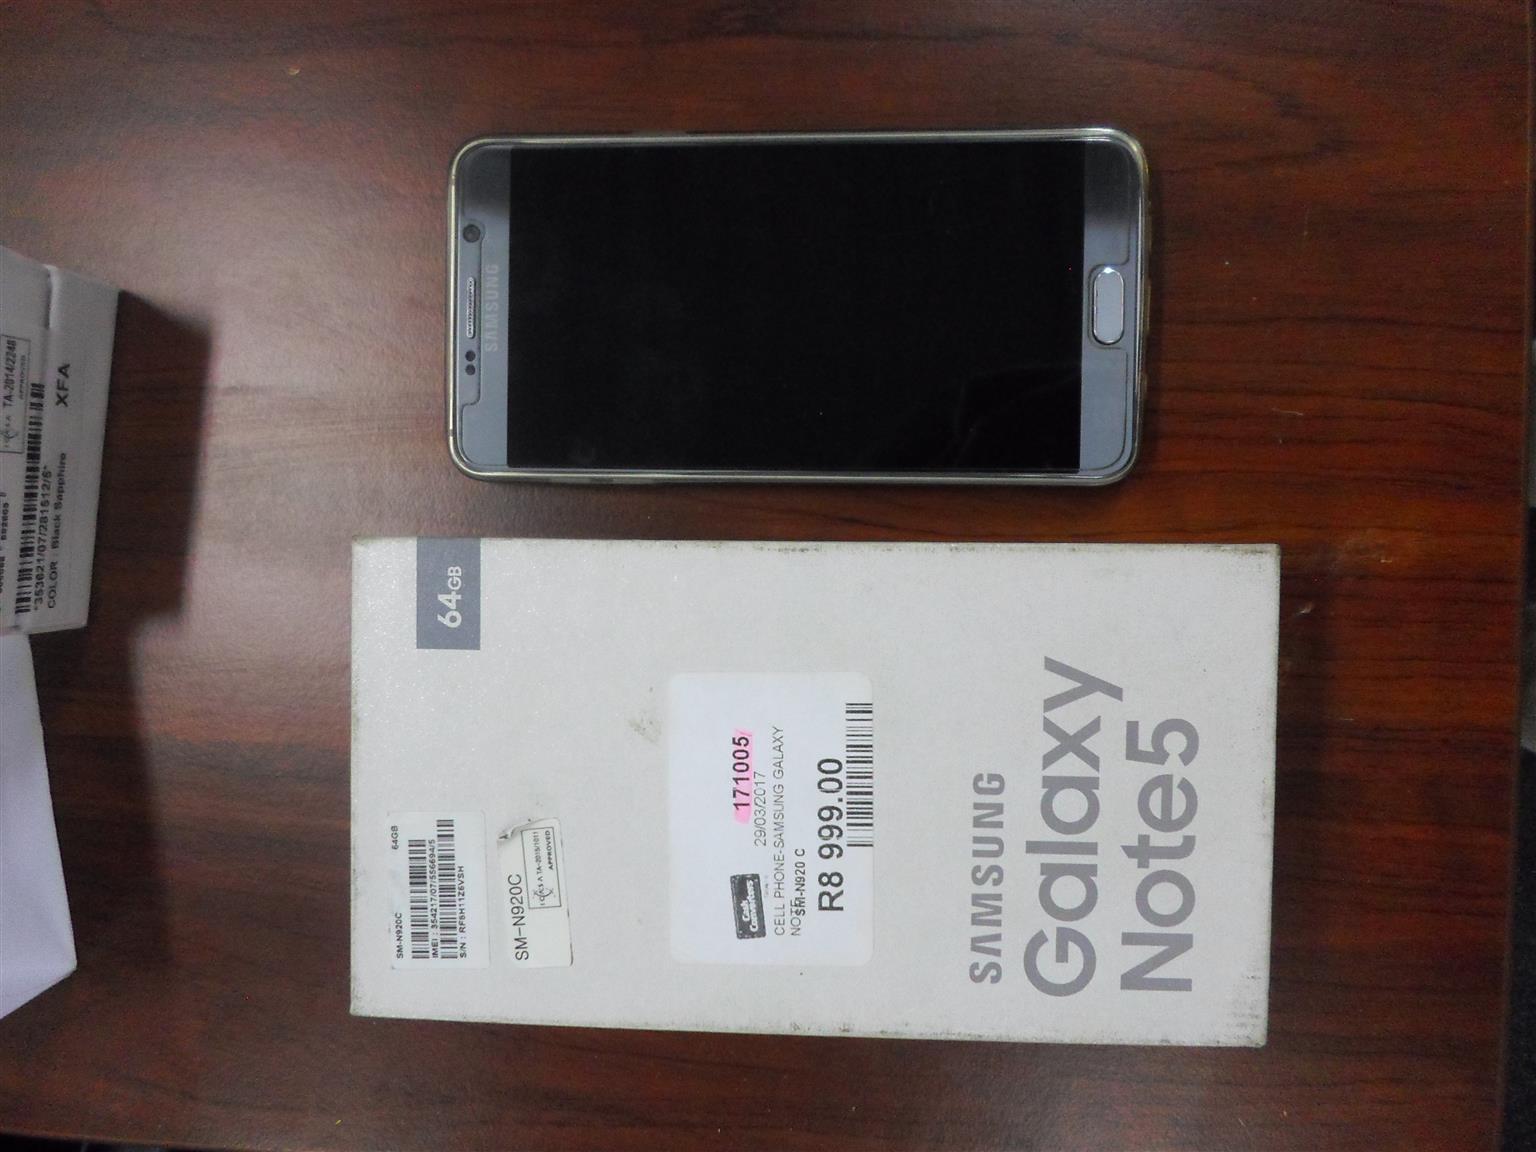 64GB Samsung Galaxy Note 5